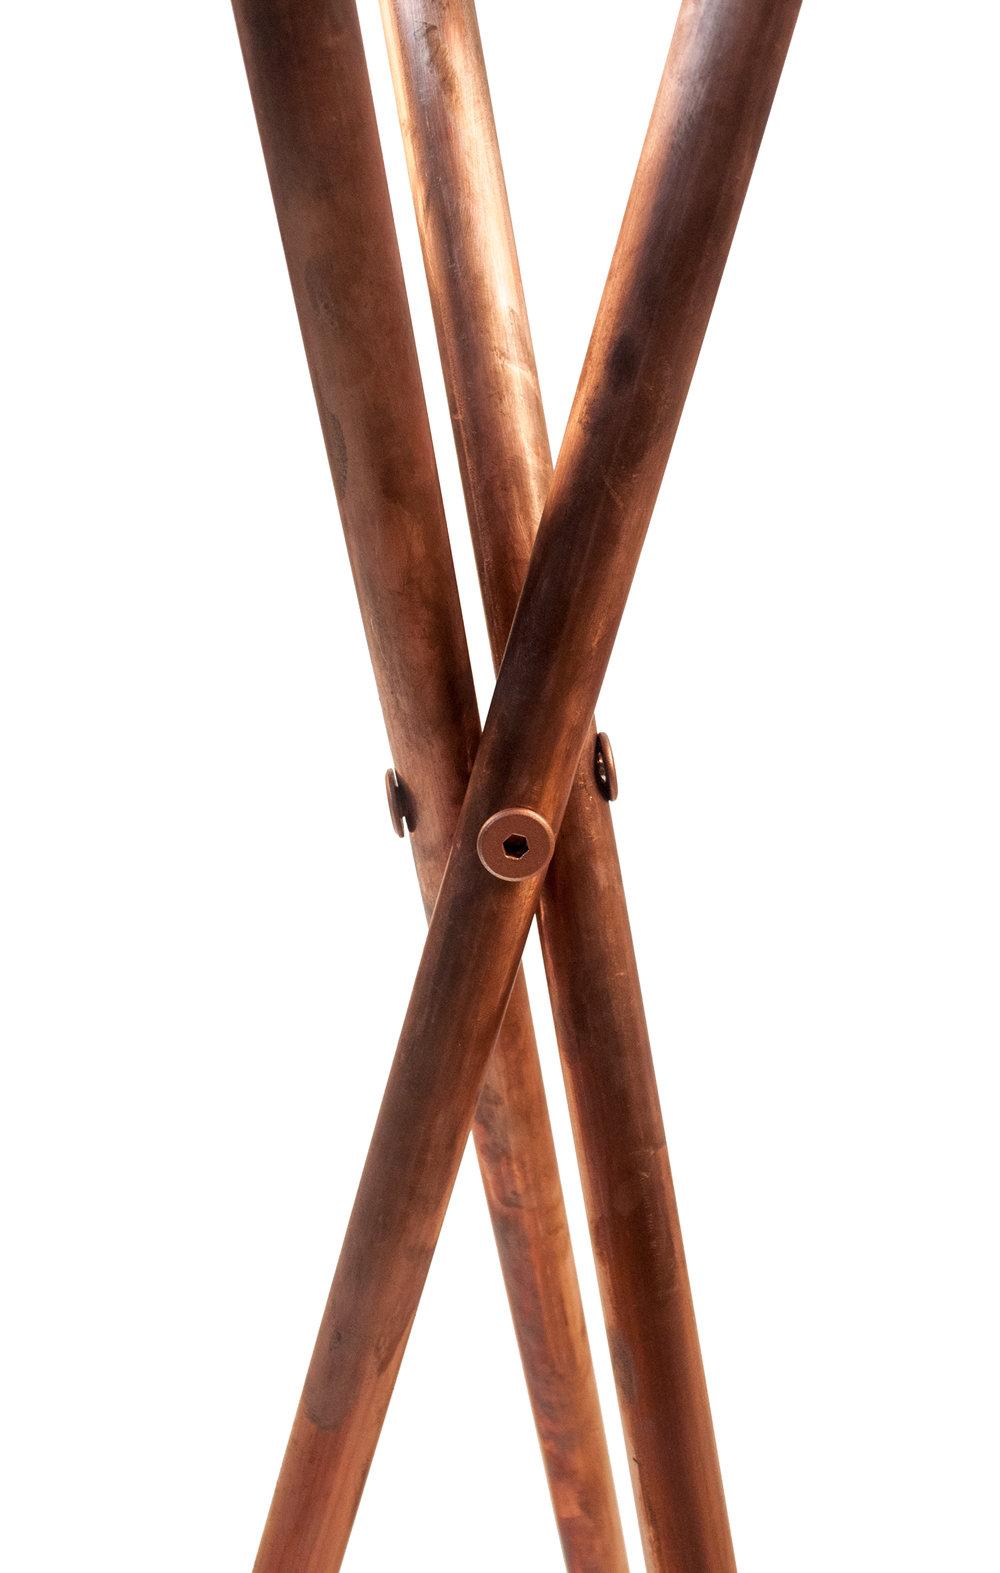 Photo5_Legs-Detail.jpg